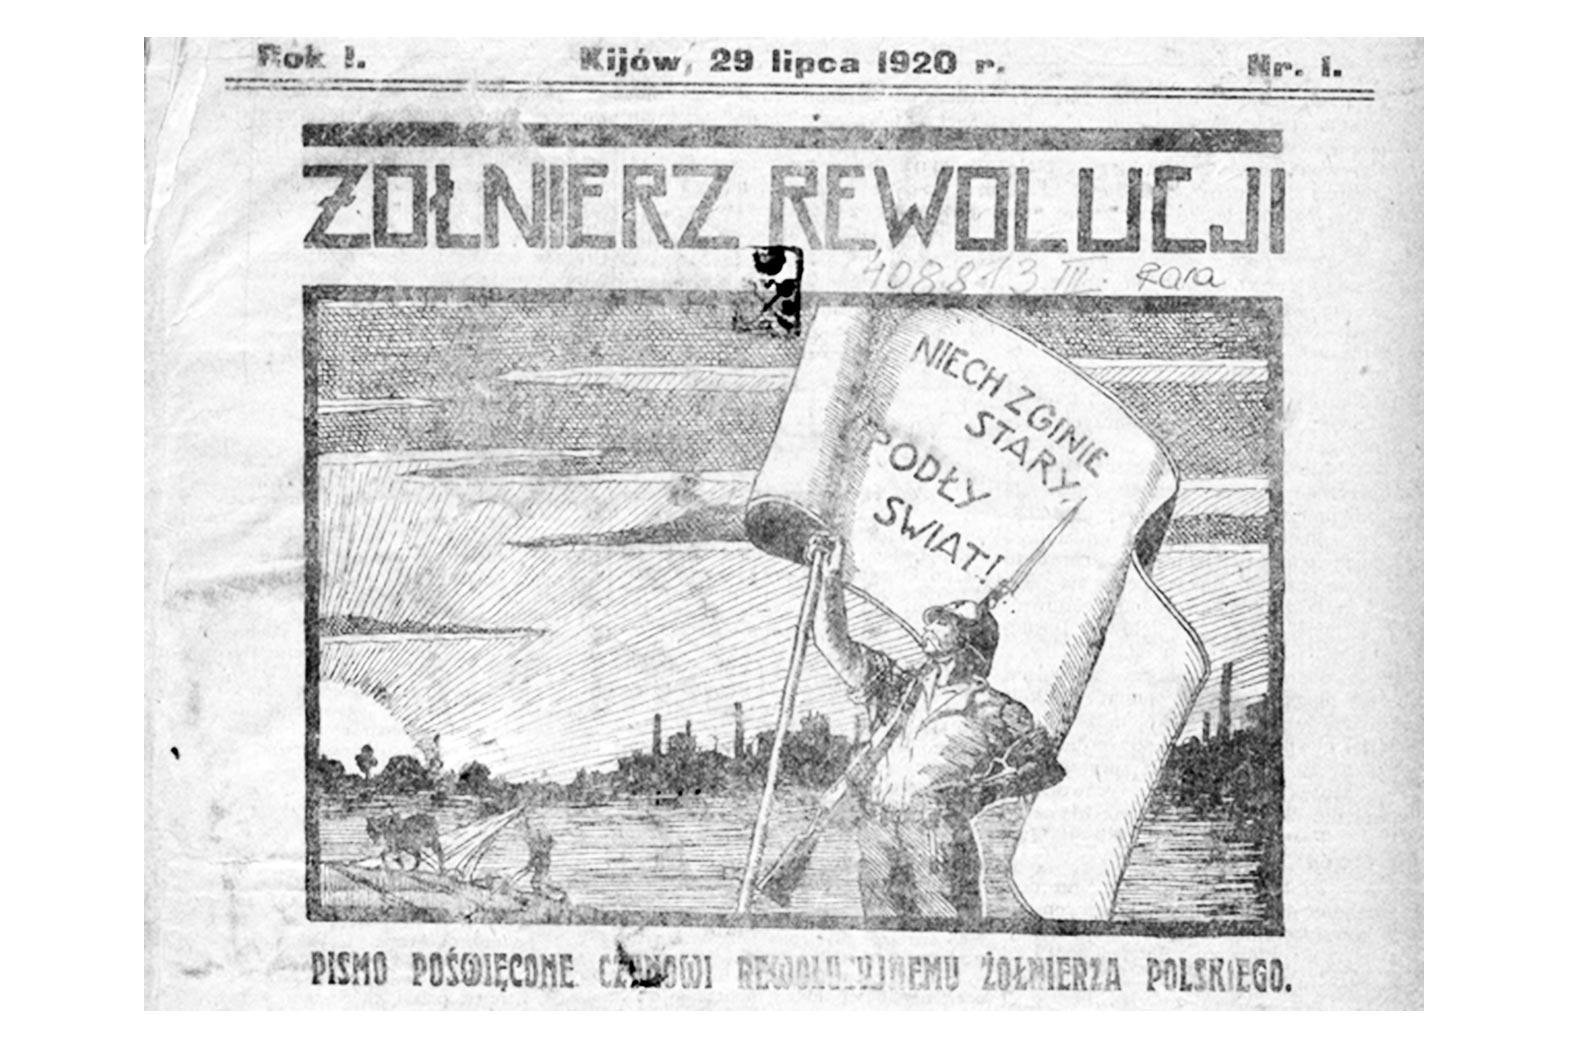 Gazeta Żółnierz Rewolucji, ukazująca się w Kijowie w 1920 r. Źródło: https://prasapolukr.ijp-pan.krakow.pl